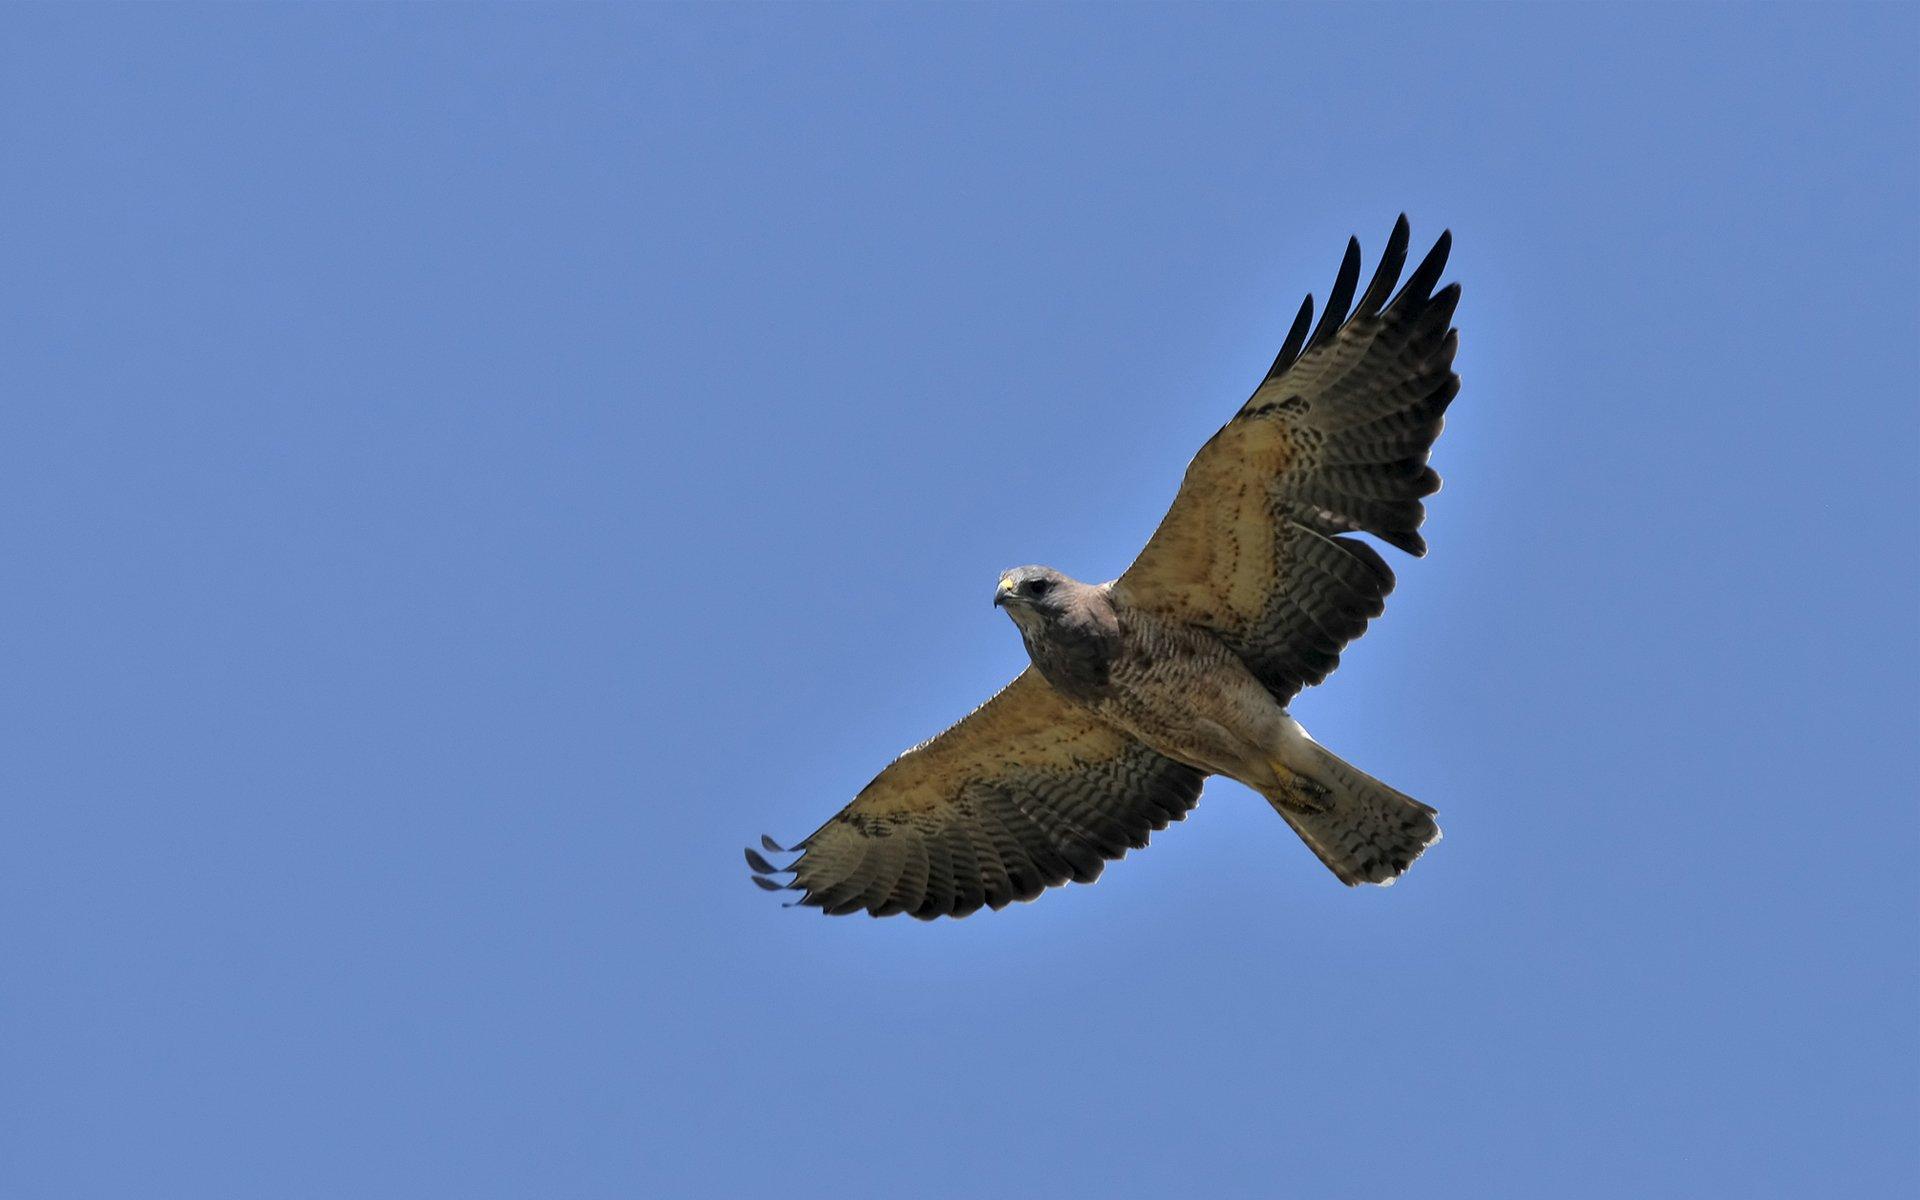 полет ястреб flight hawk бесплатно